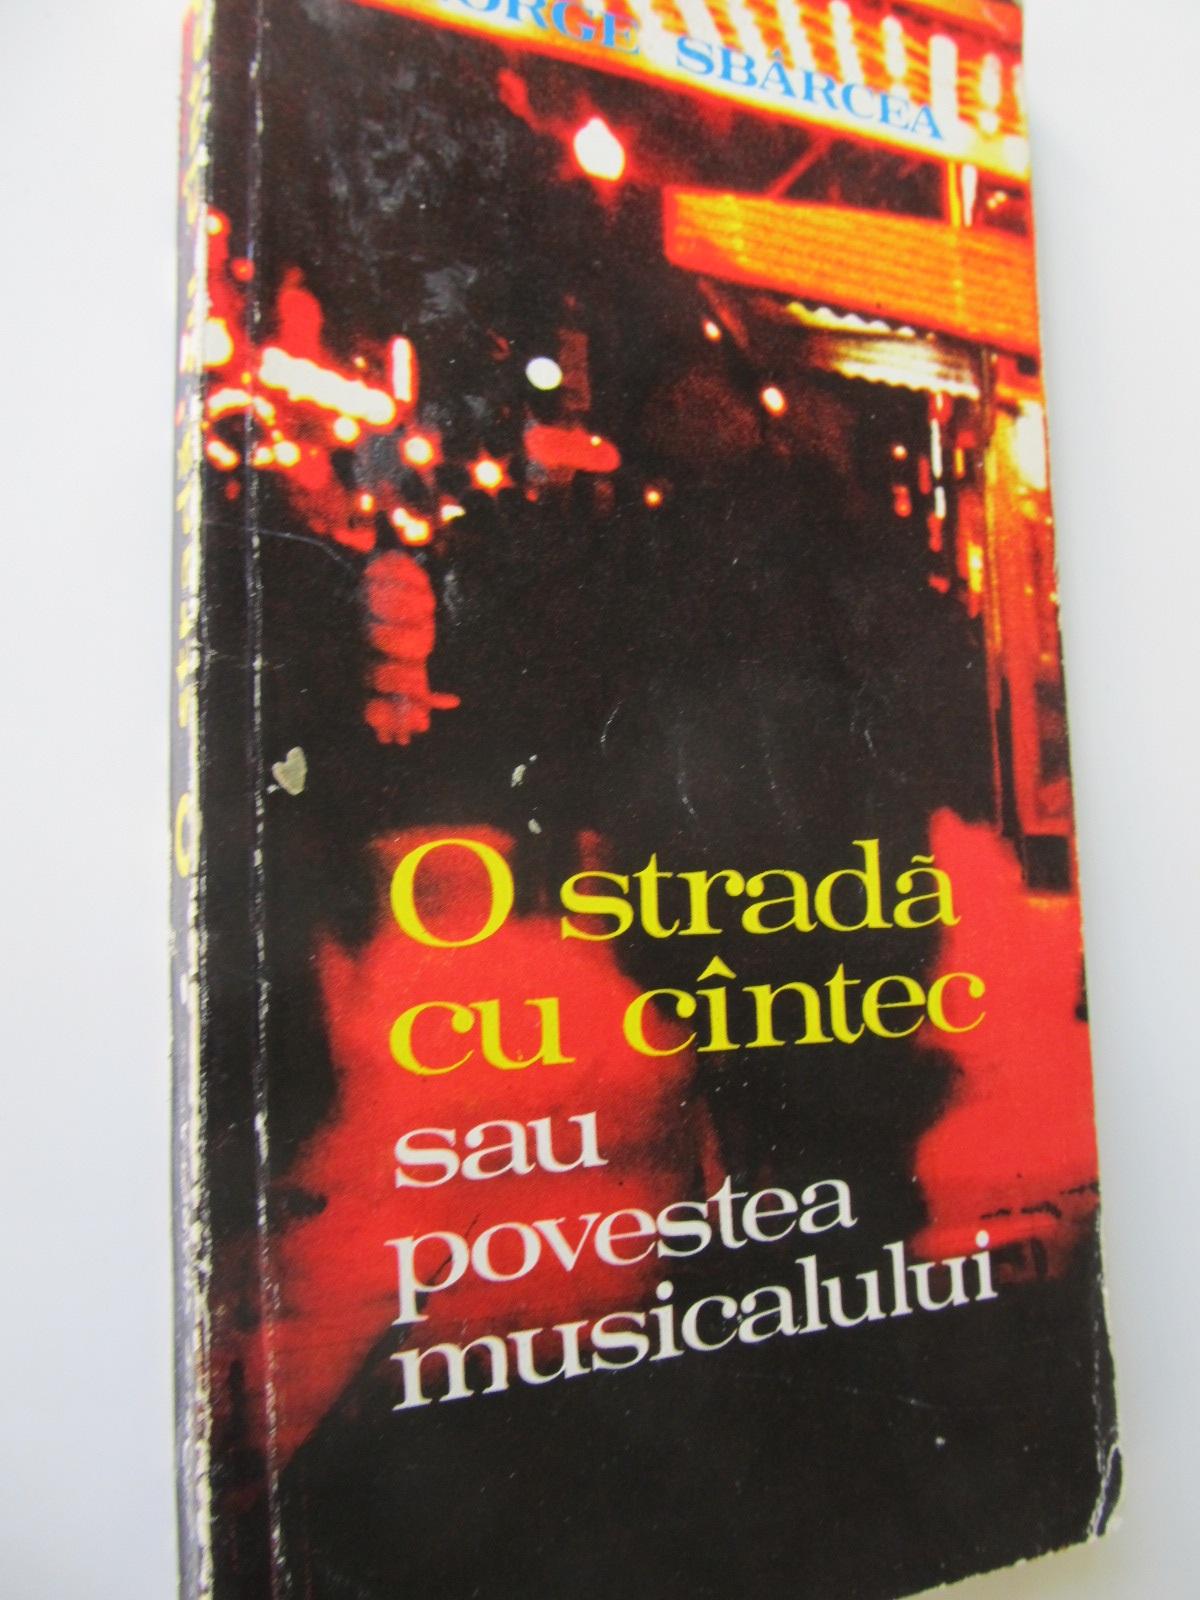 O strada cu cantec sau povestea musicalului - George Sbarcea | Detalii carte